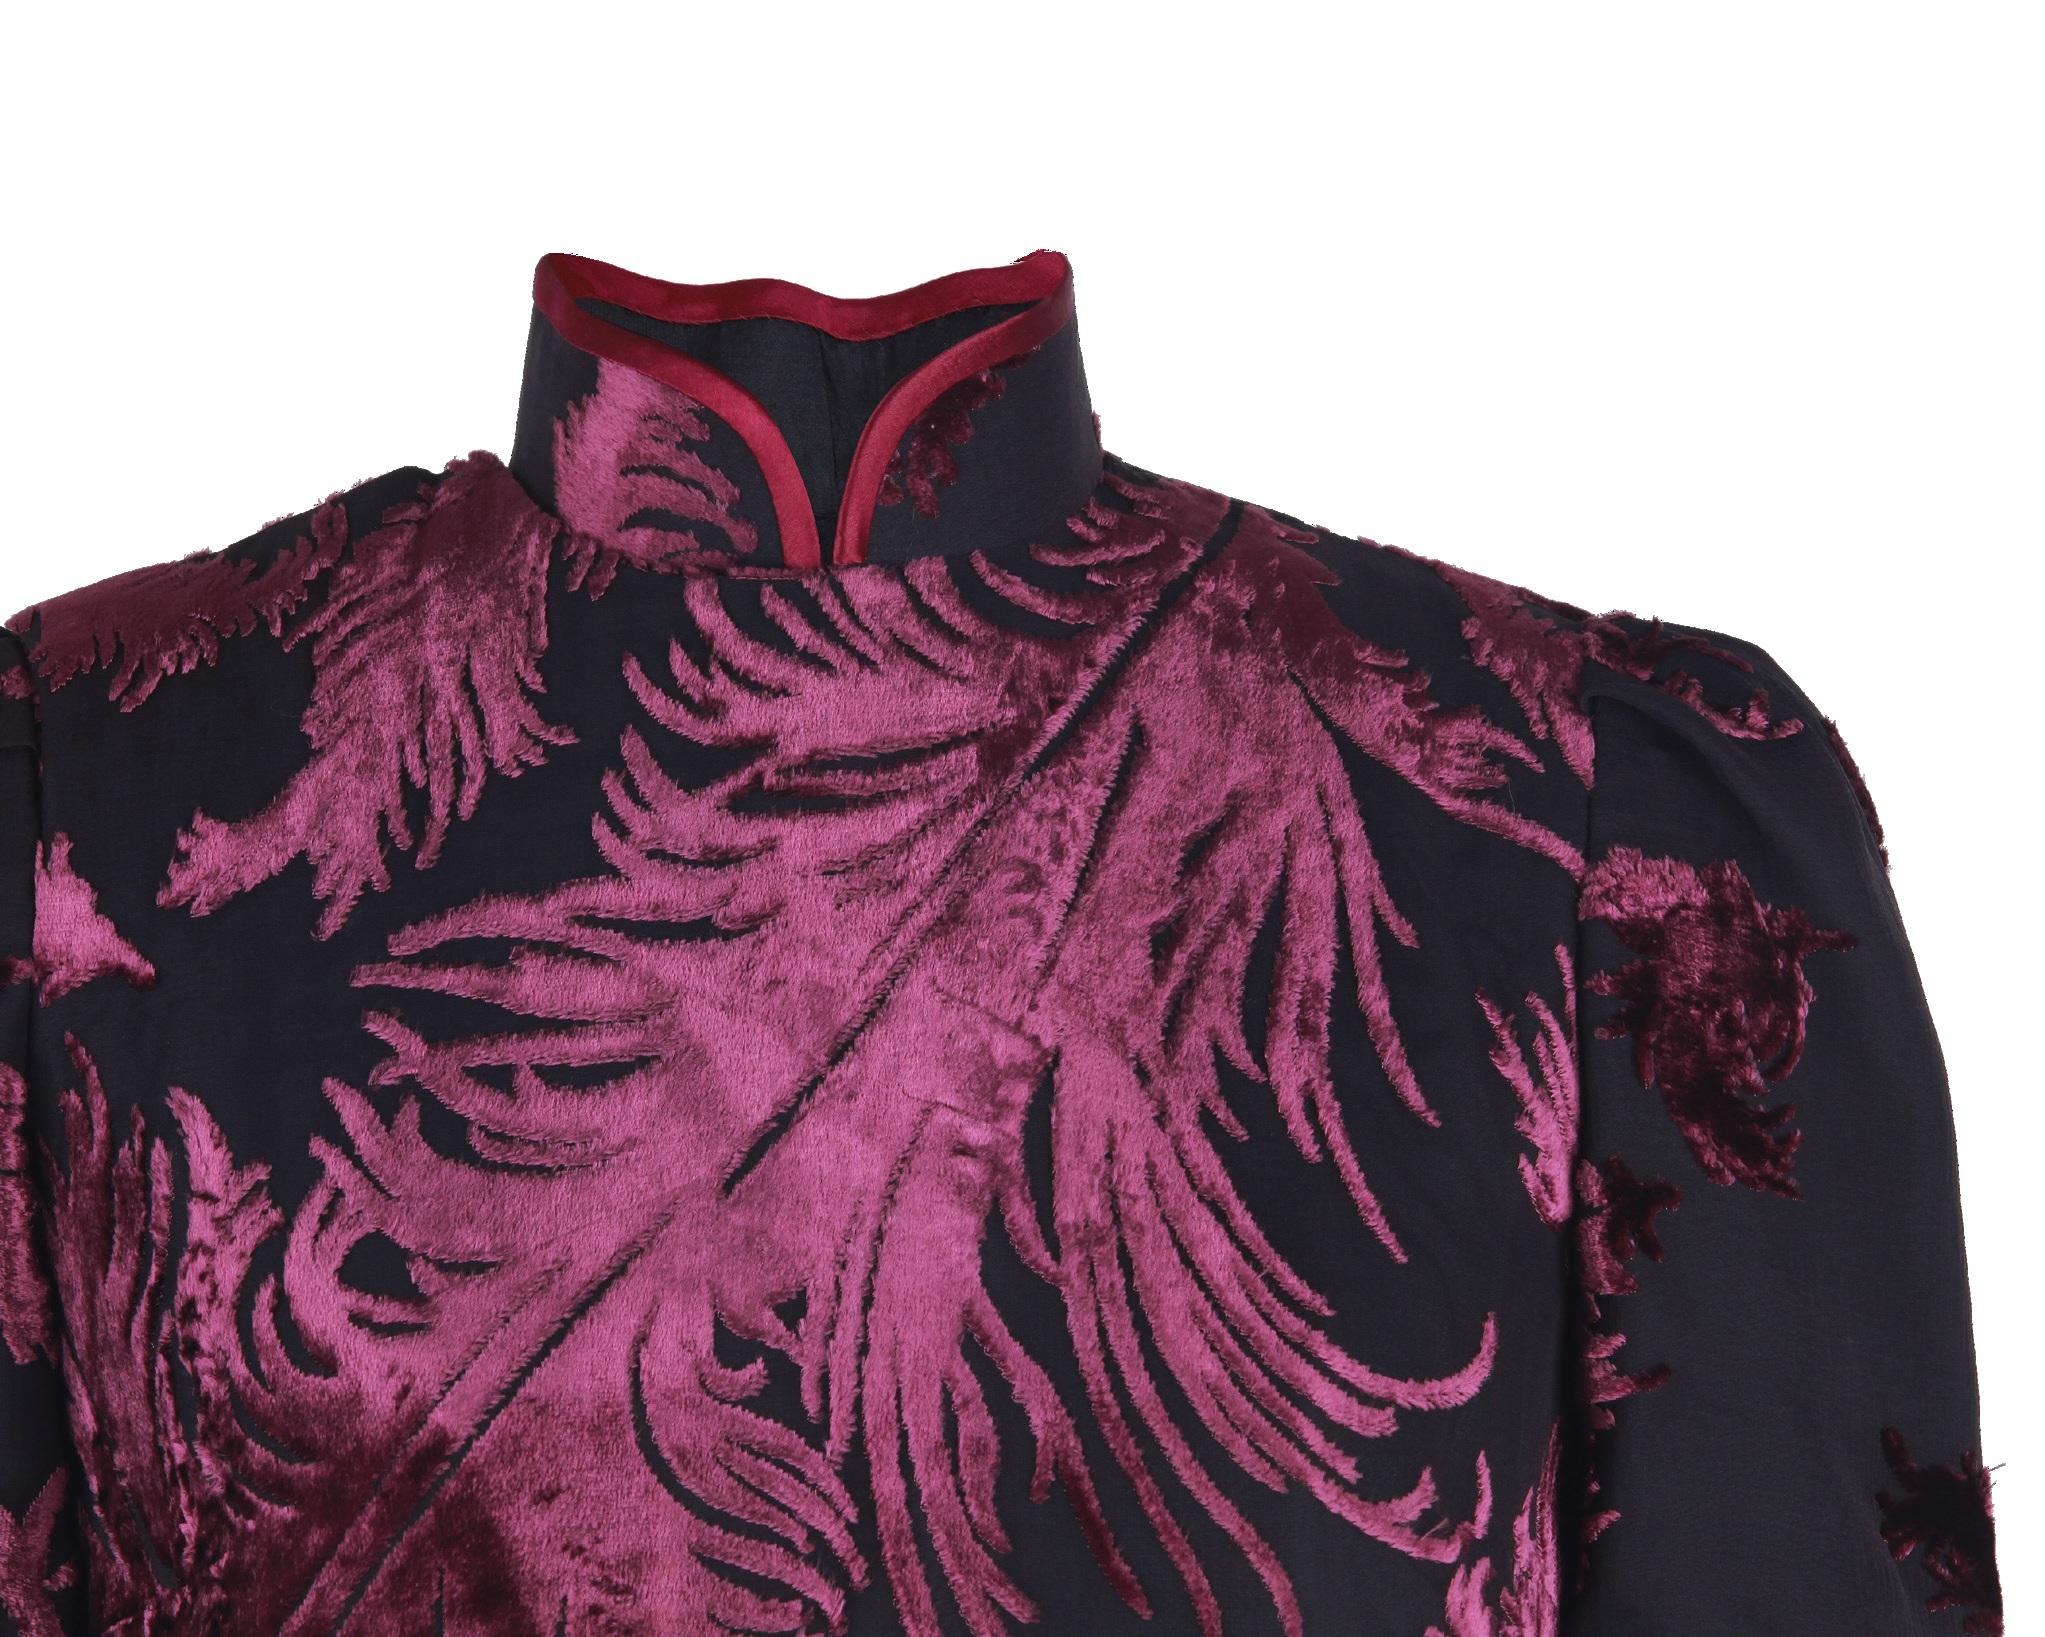 黑色醬紅色羽紋爛花絨短袖旗袍「海上の明月、軽い裾に風を追う-江南の貴族と海派チャイナドレス」上海大学博物館-海派文化博物館